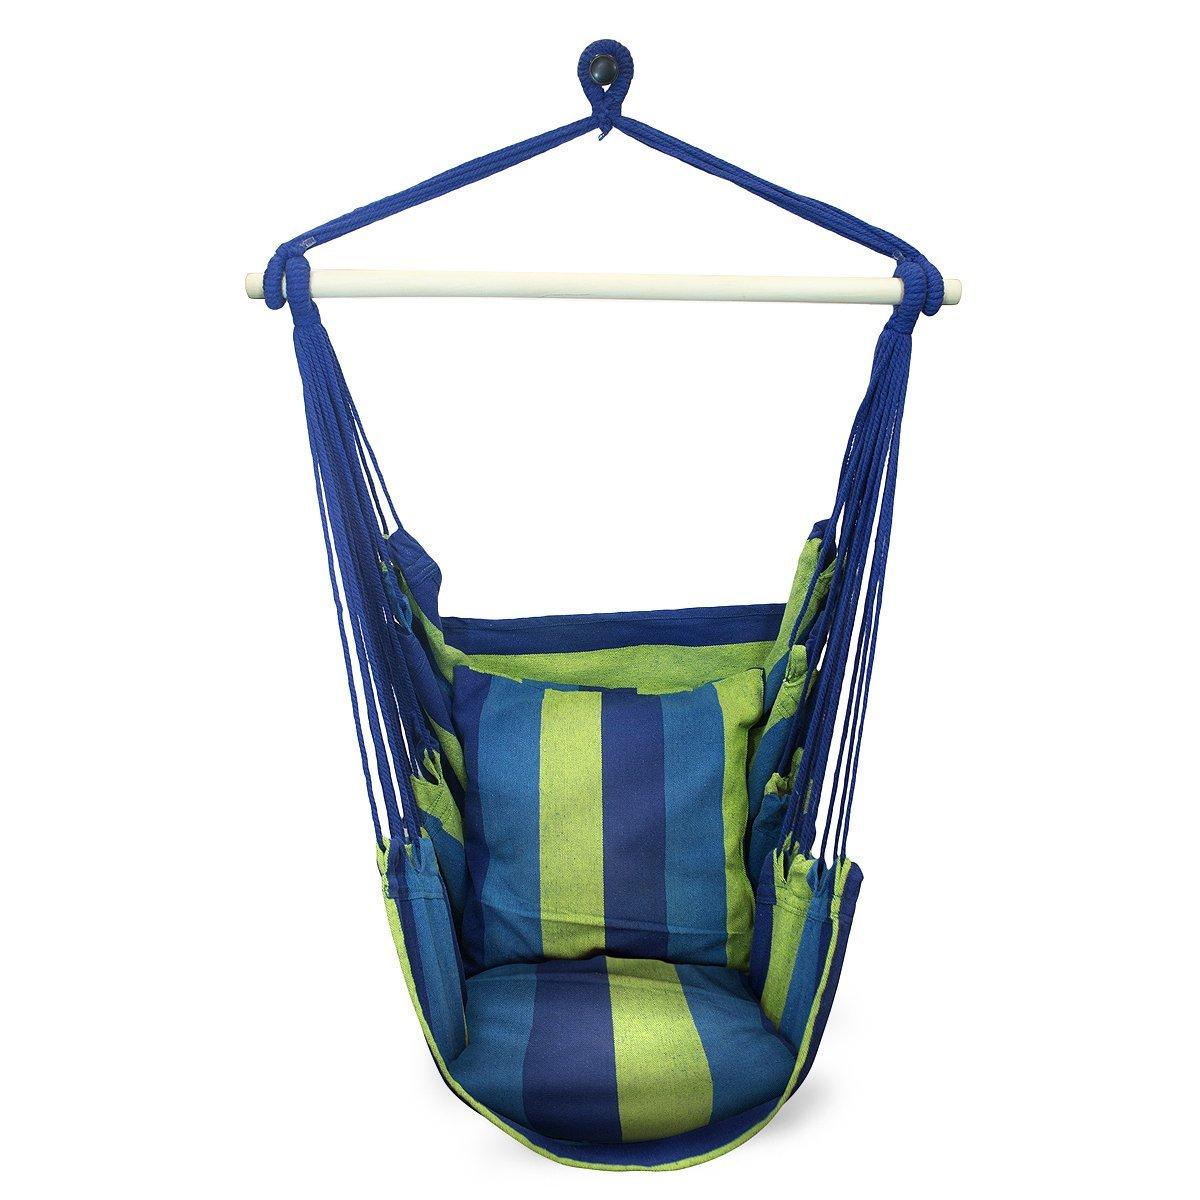 Sorbus SWING Hanging Rope Hammock Chair Swing Seat (Blue)